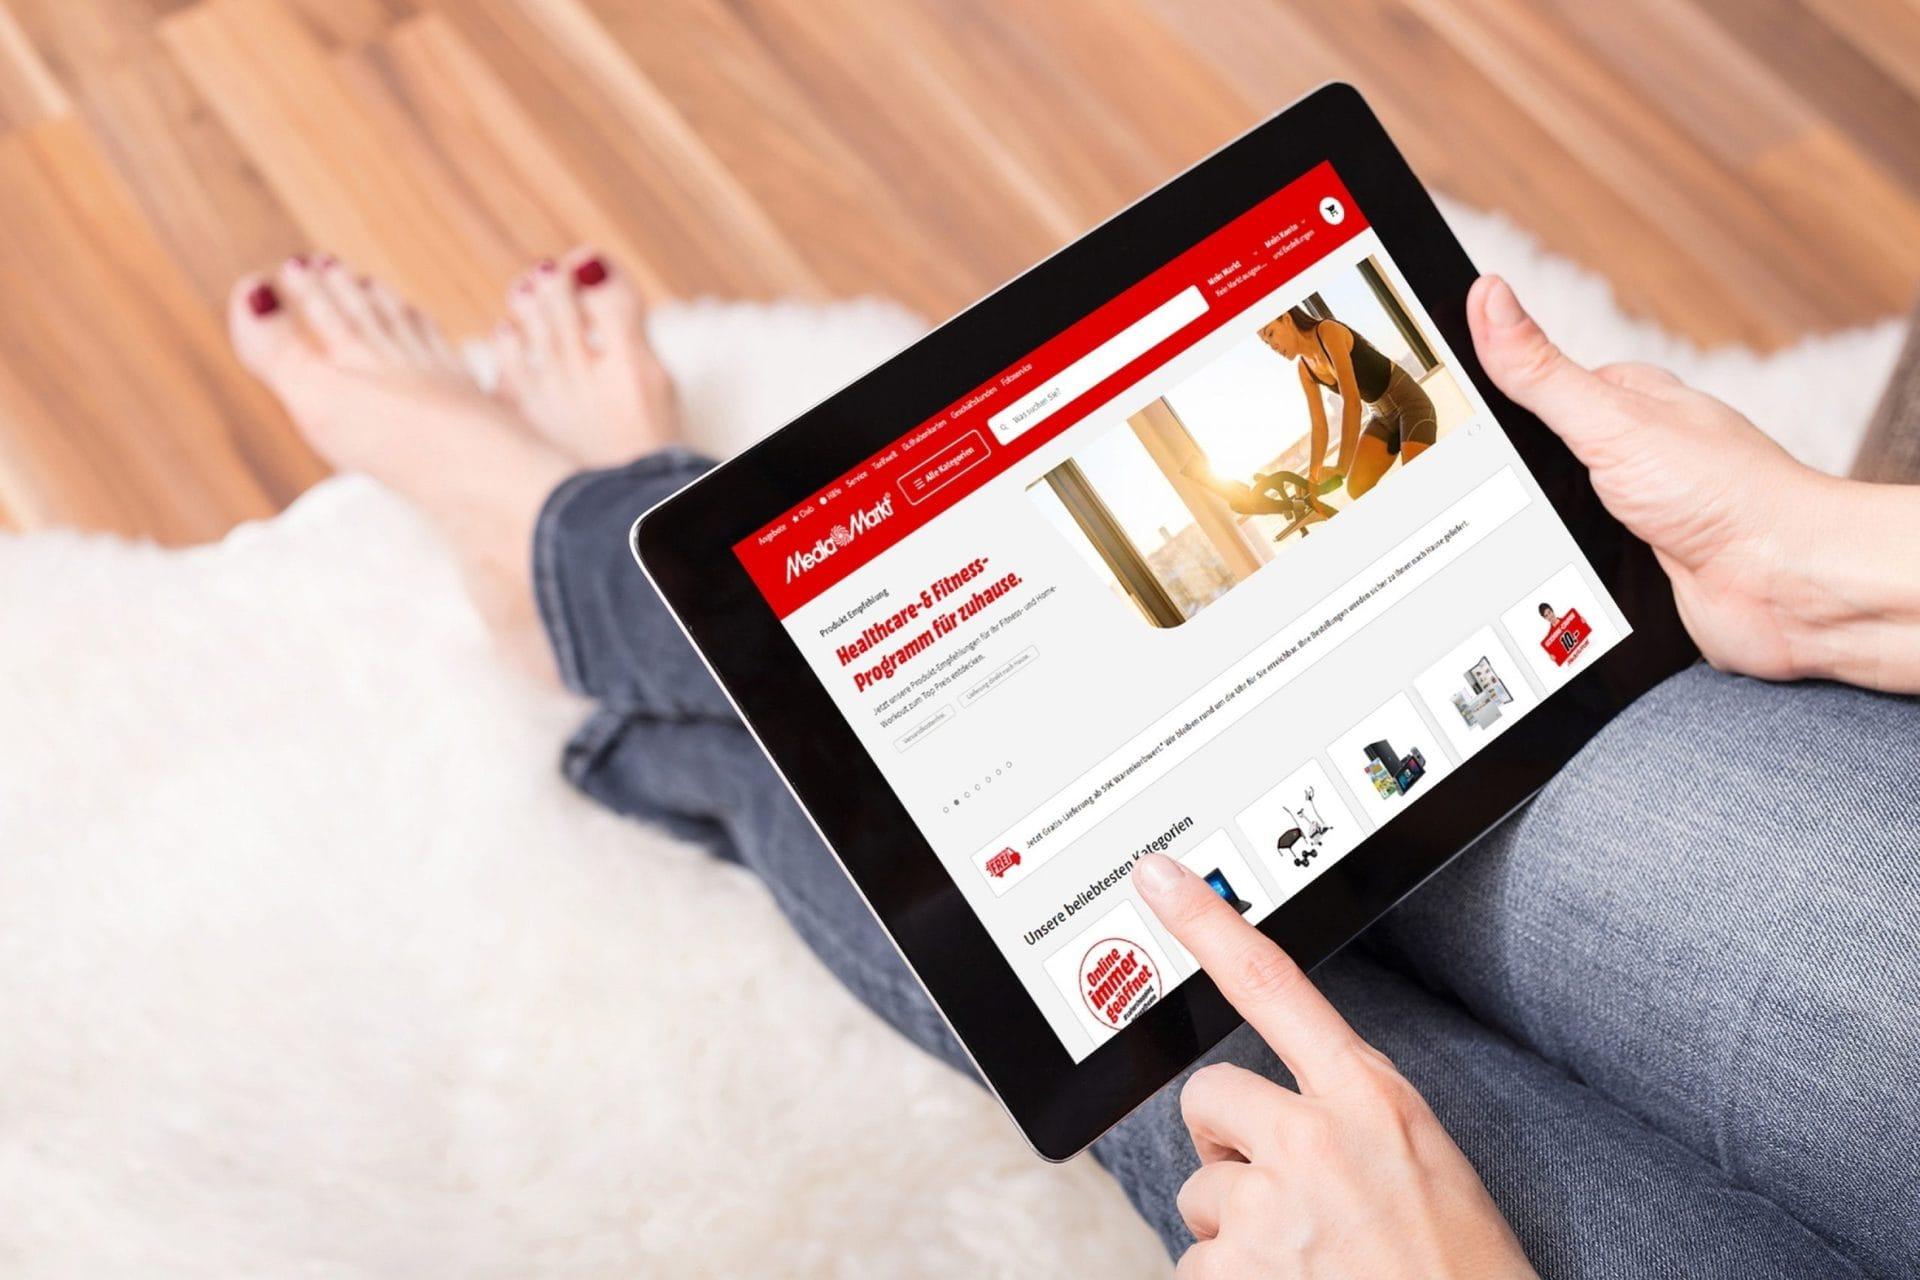 Abholung von online bestellter Ware Bei MediaMarkt Regensburg / Neutraubling ab sofort möglich